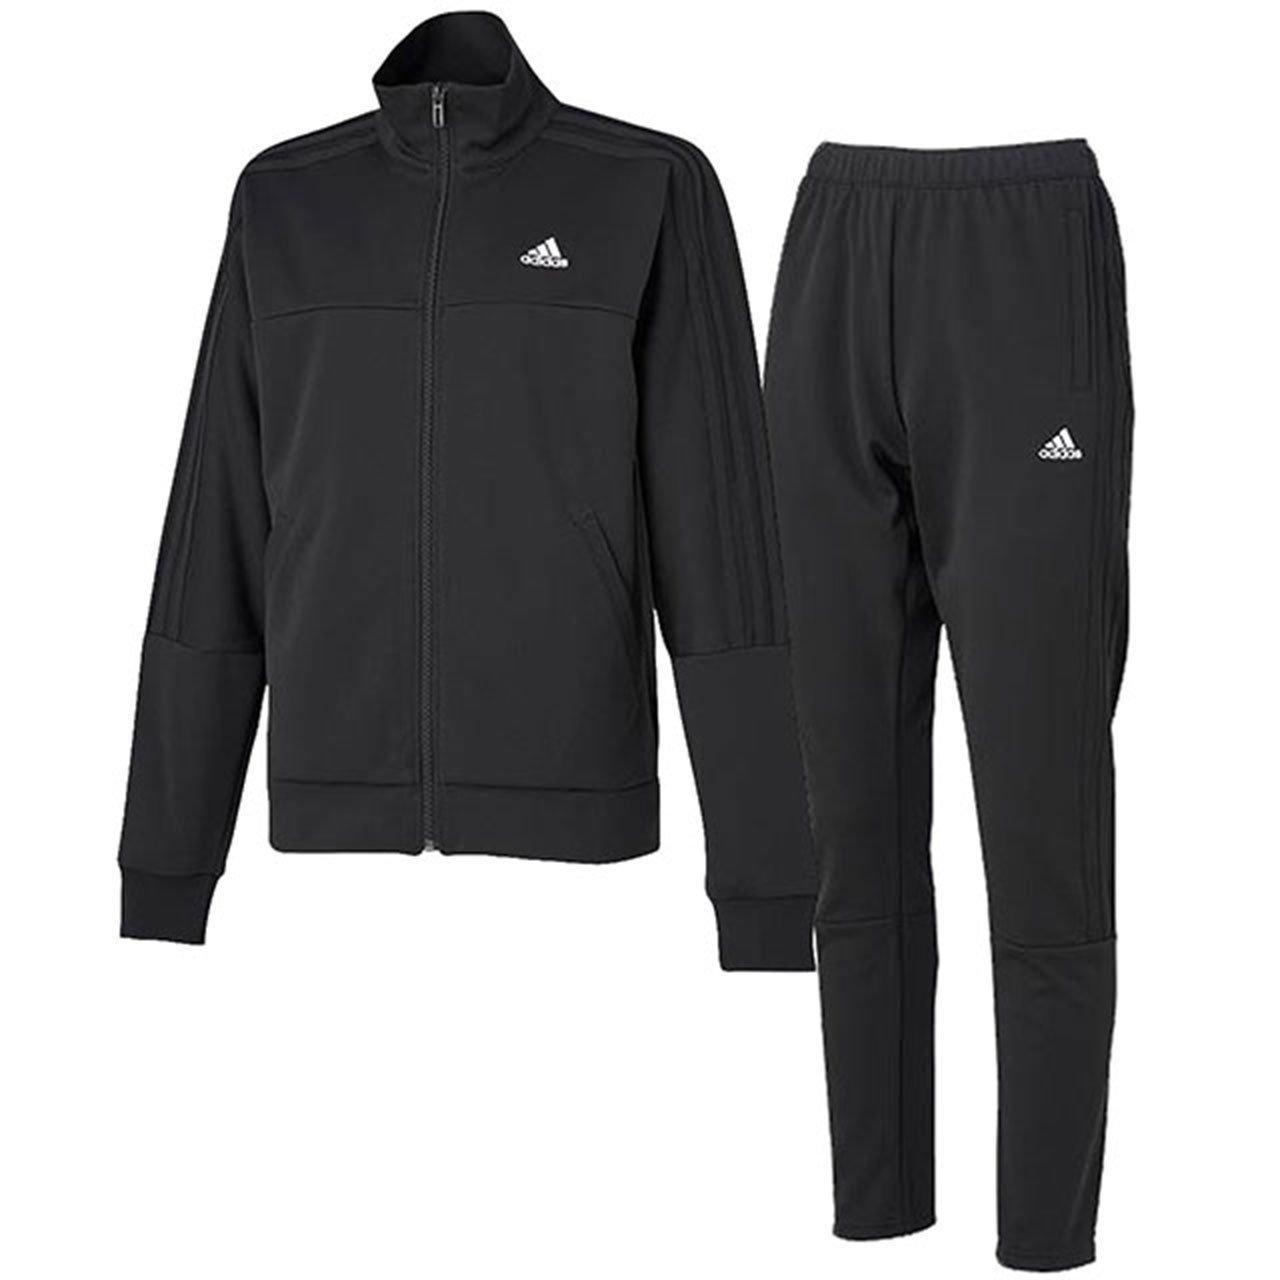 アディダス(adidas) レディース SP WU ジャケット&パンツ 上下セット(ブラックホワイト) FAG02-CY8801-FAG00-CY8798 B0766Q7M5K 日本 J/S-(日本サイズS相当)|ブラックホワイト ブラックホワイト 日本 J/S-(日本サイズS相当)